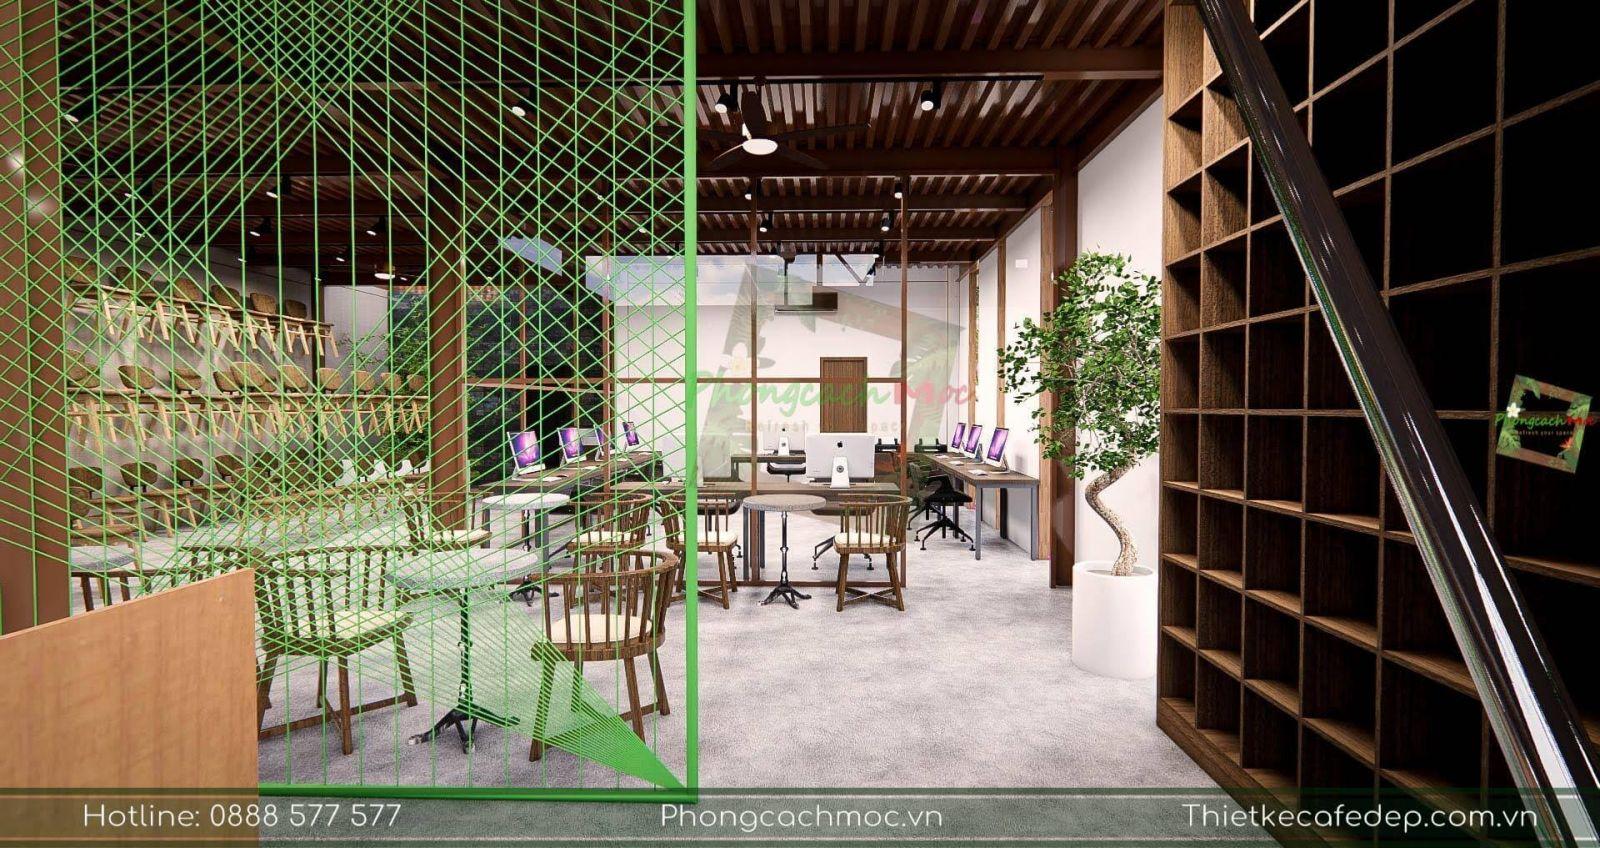 thiết kế văn phòng với kết cấu nhà thép tiền chế